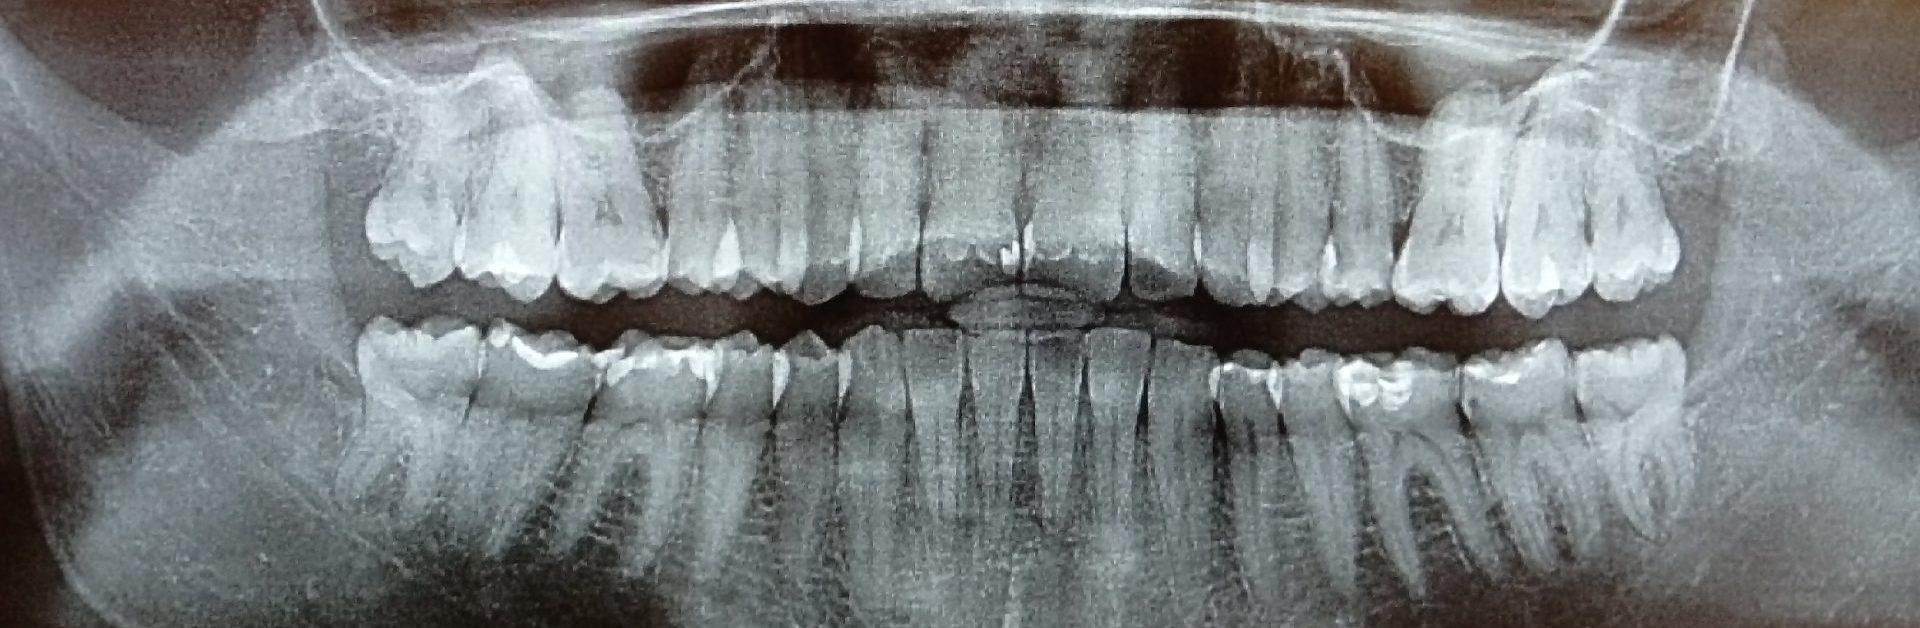 Nowoczesna dentystyka